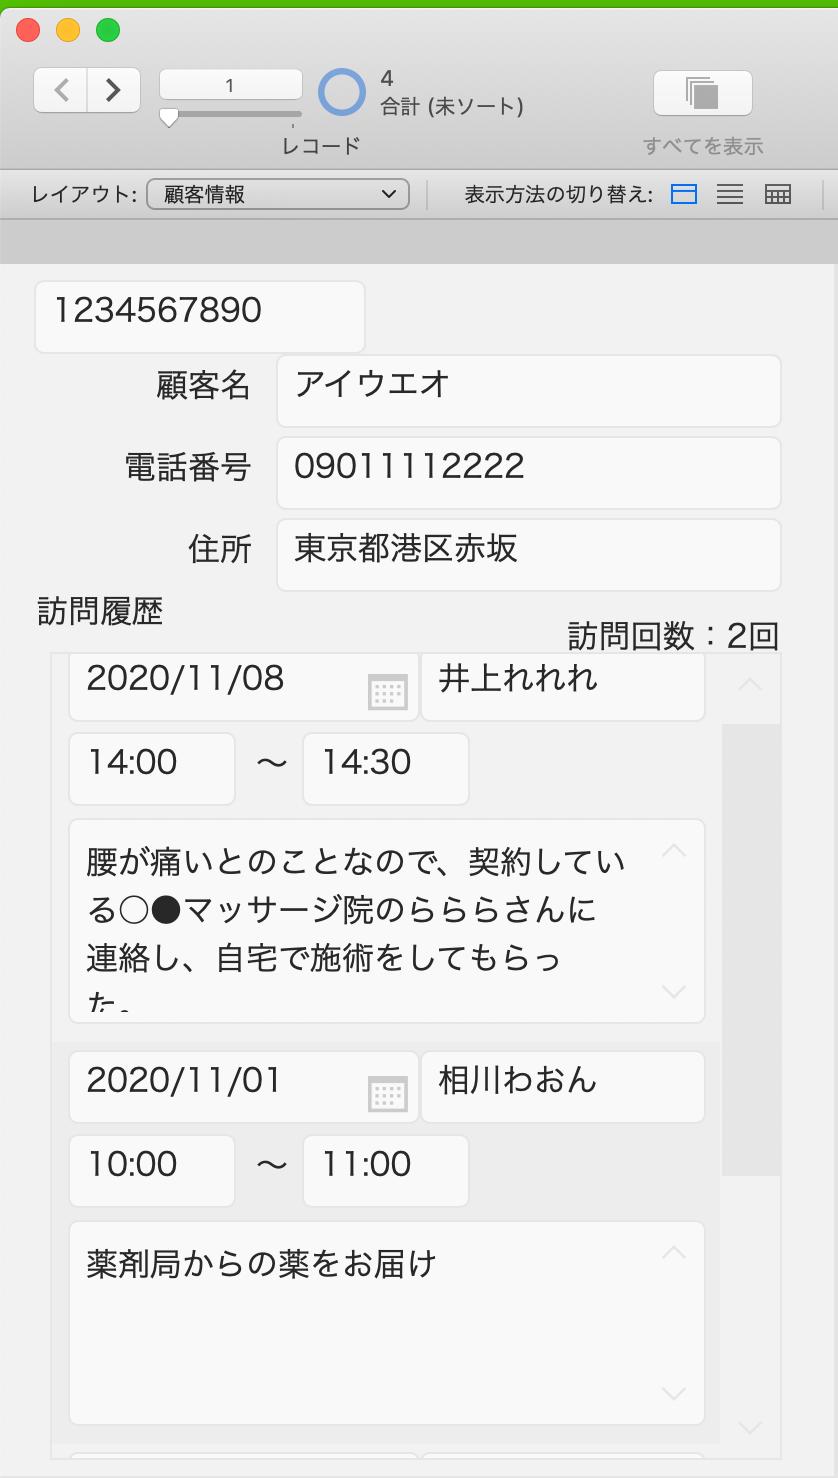 スクリーンショット 2020-11-28 11.54.16.png